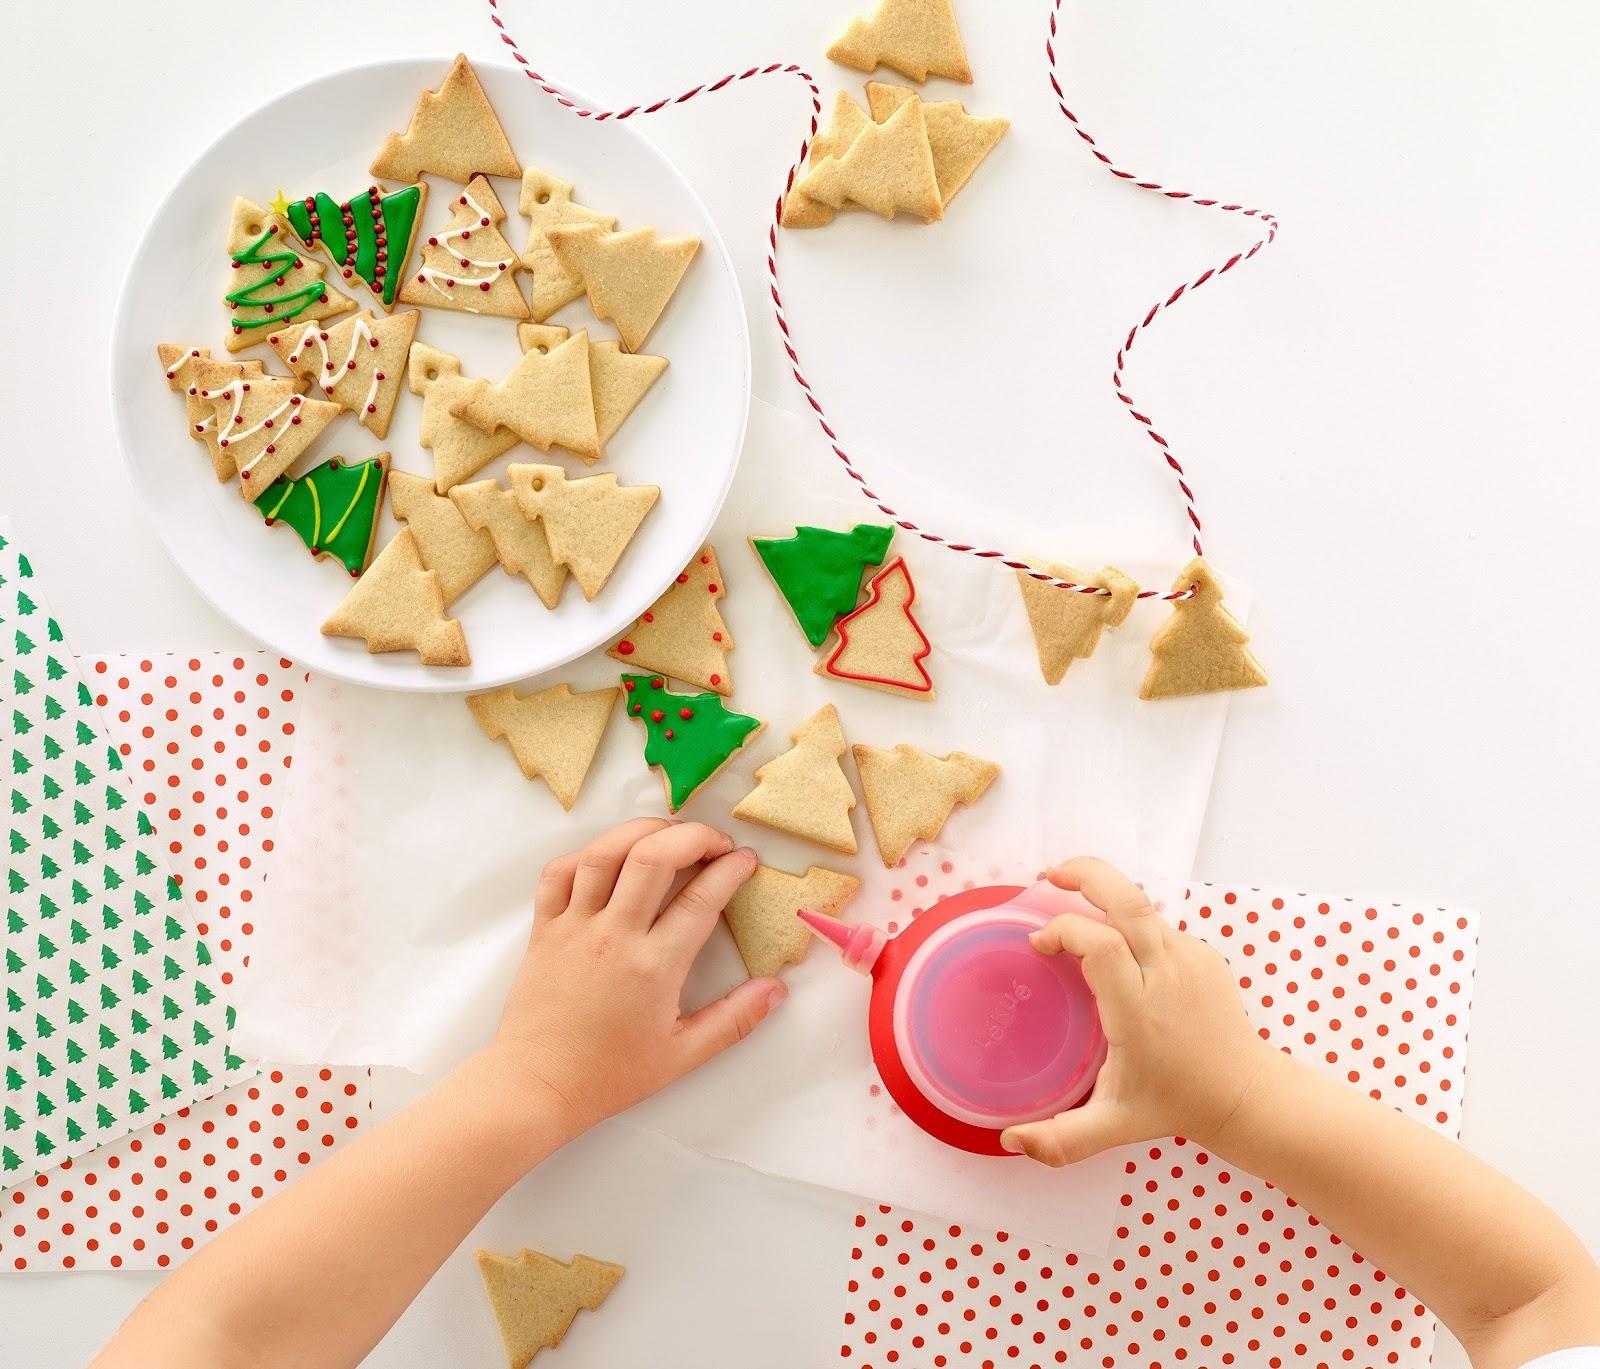 Celebruj tradycję + przepis na szybkie pierniki.